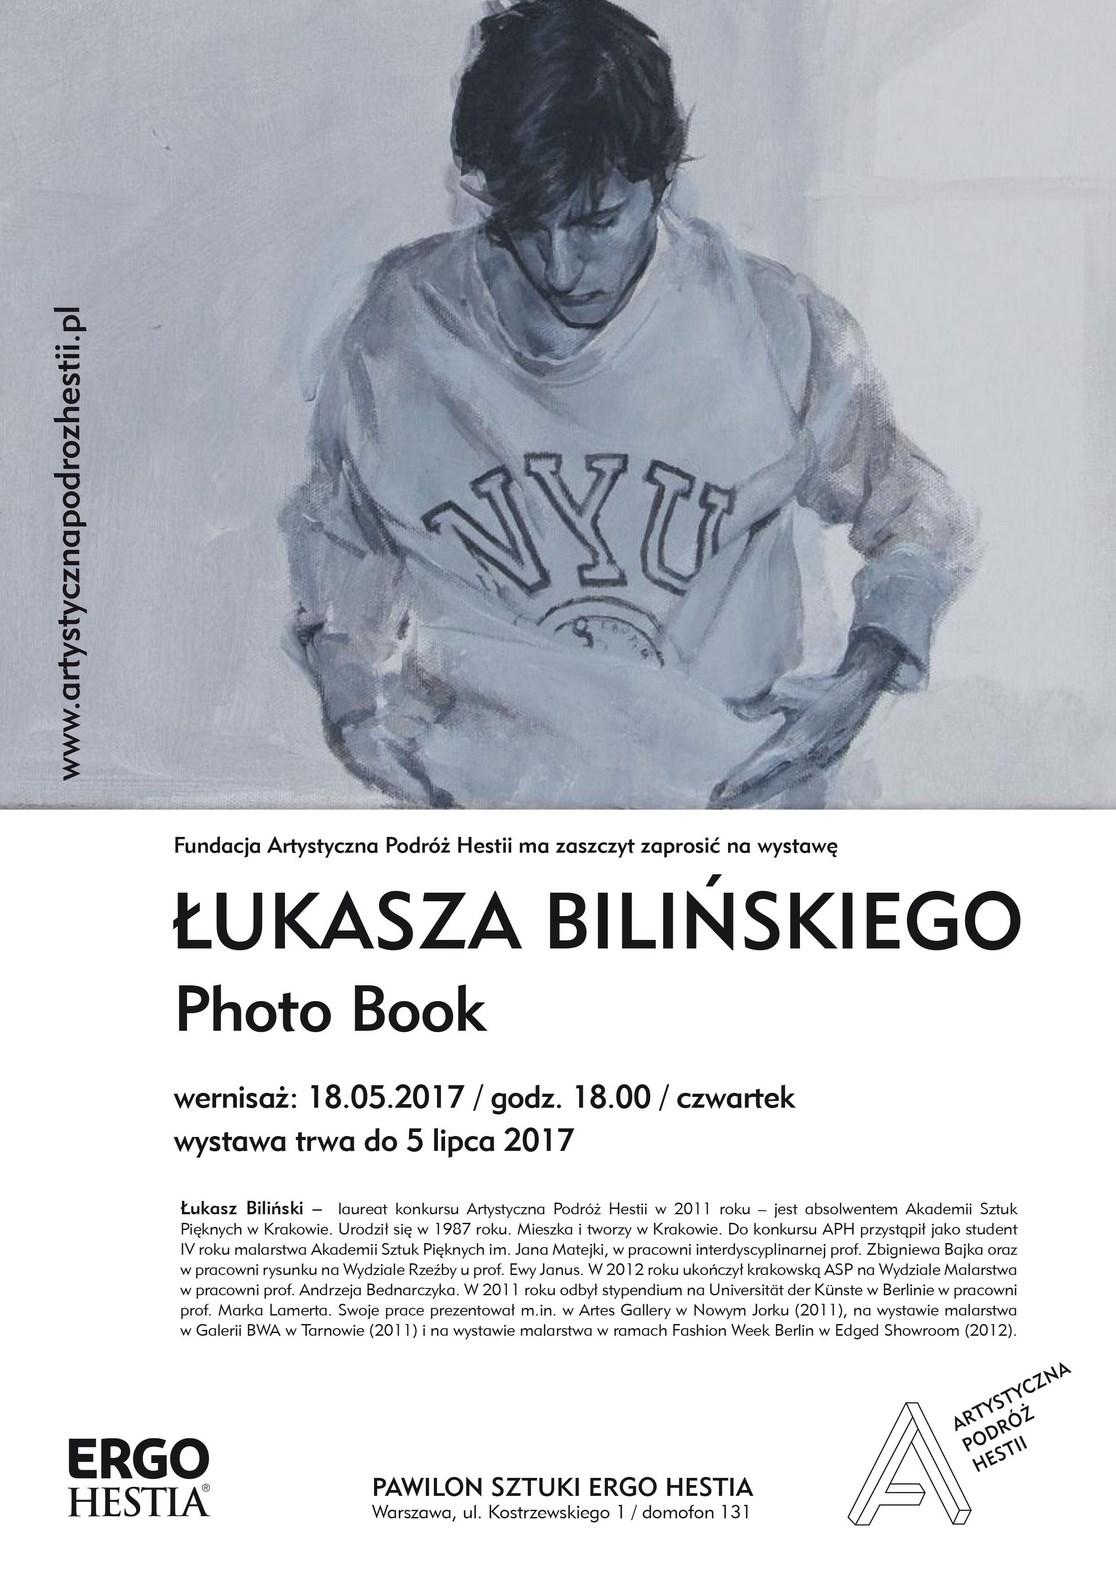 """Łukasz Biliński, """"PHOTO BOOK"""" (źródło: materiały prasowe organizatora)"""